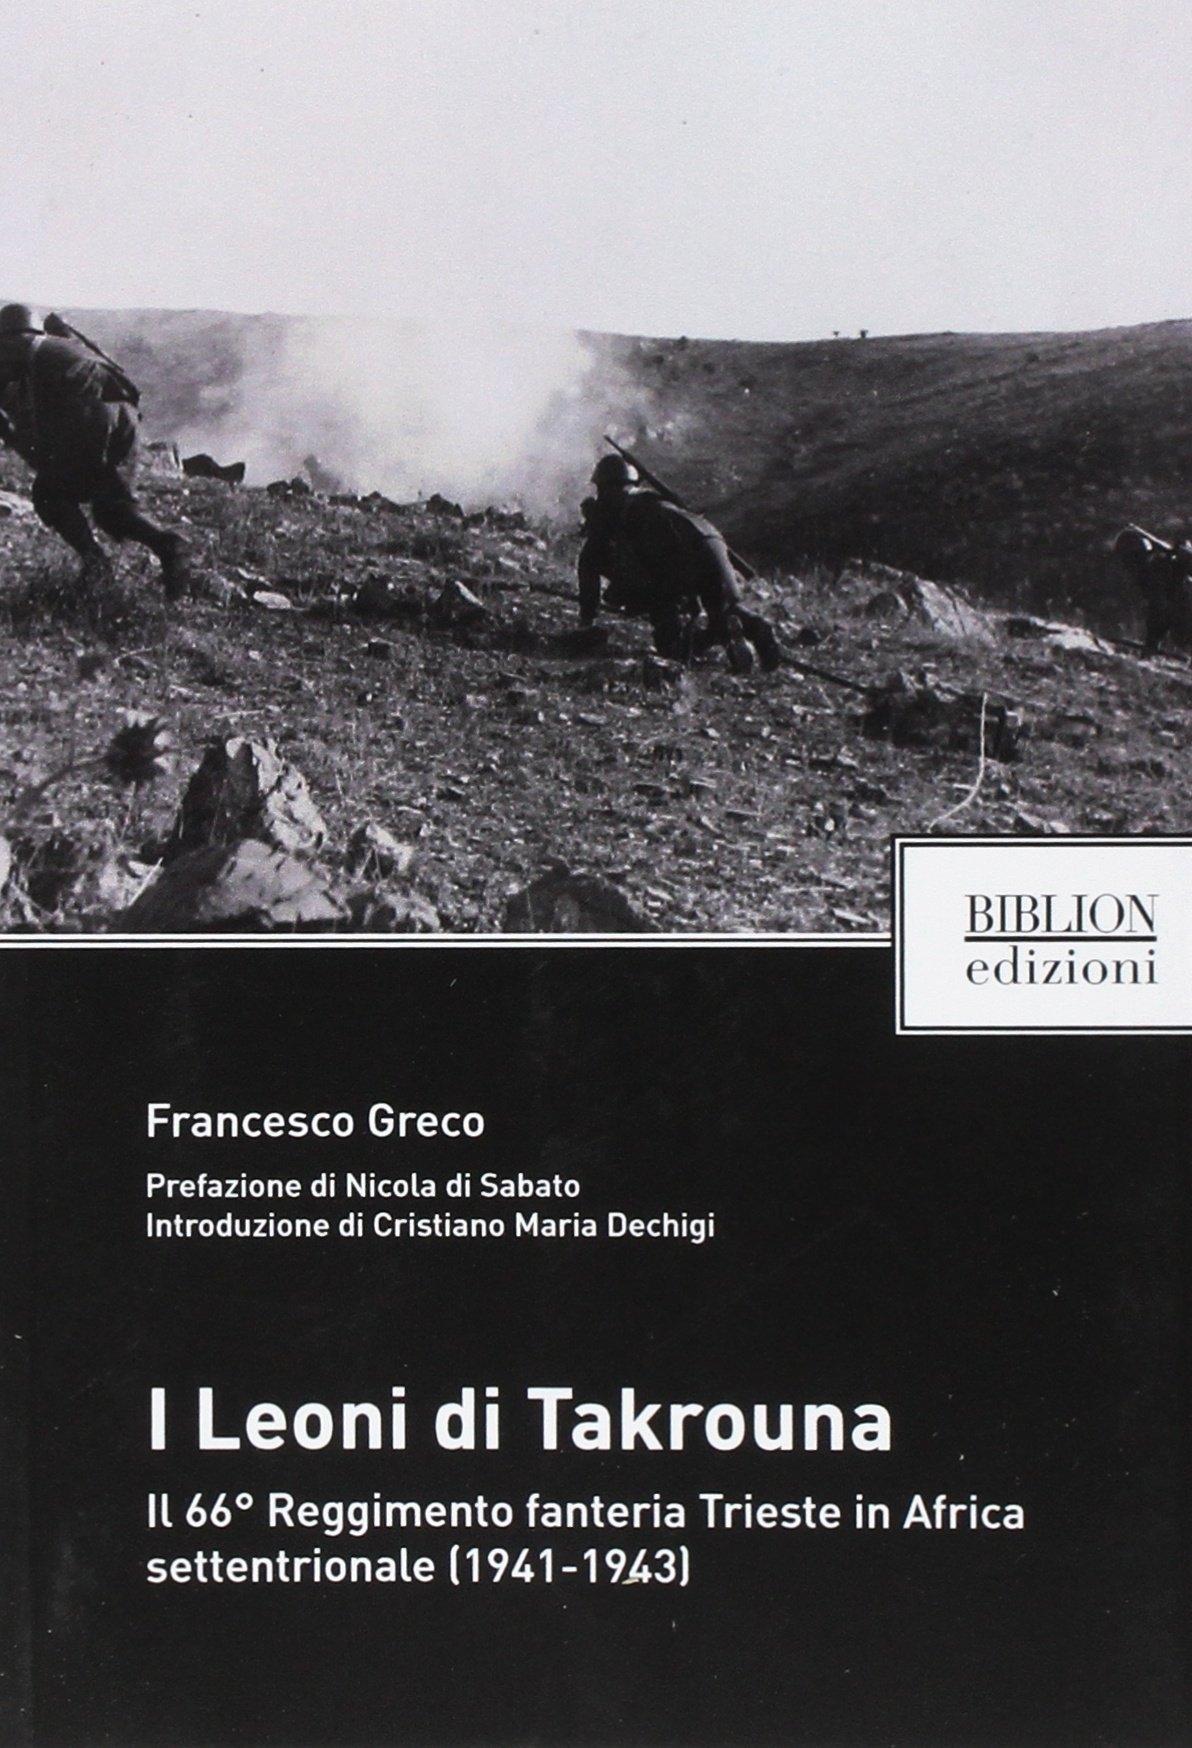 I Leoni di Takrouna. Il 66° Reggimento Fanteria Trieste in Africa Settentrionale (1941-1943).